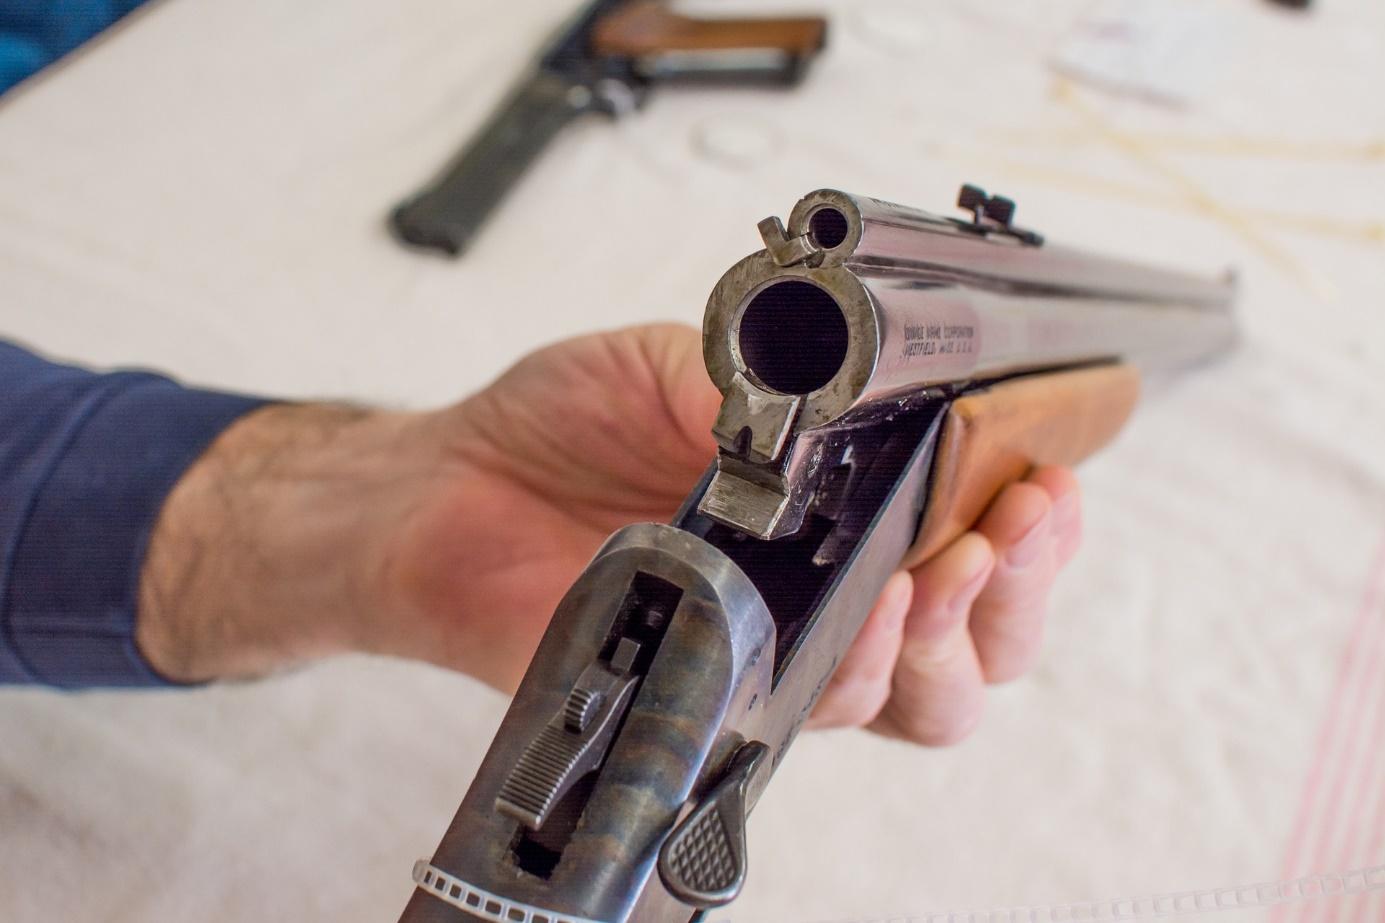 Rozložení zbraně při odborné zkoušce pro zbrojní průkaz